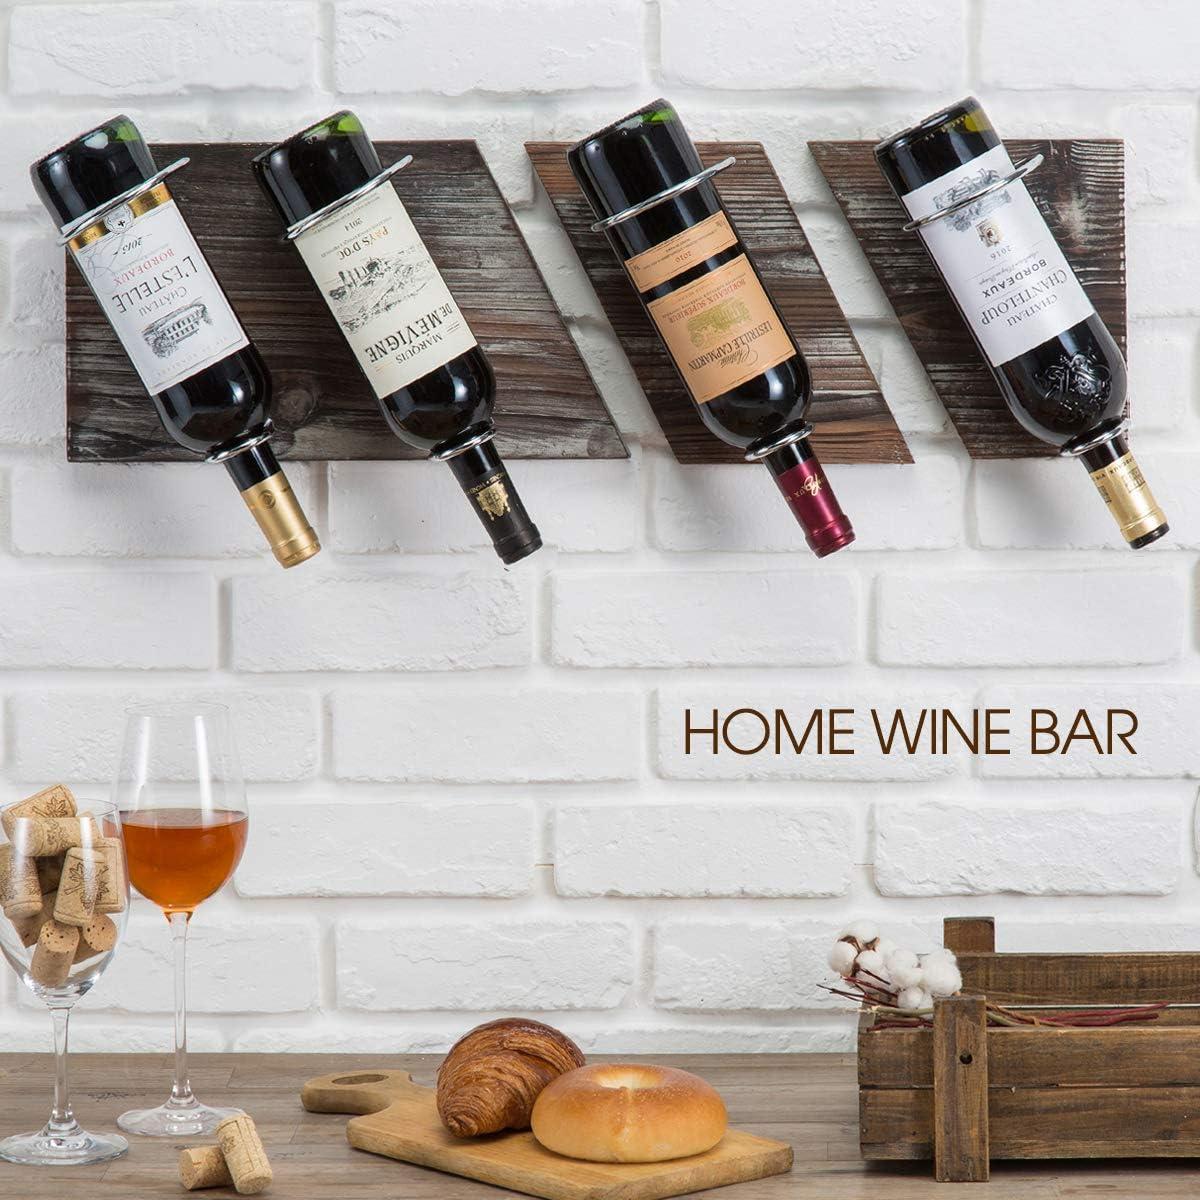 MK490A J JACKCUBE DESIGN Rustic Wood and Metal Wine Rack Set of 3 Wall Mount 4 Bottles Vintage Storage Holder for Home Bar Living Room Kitchen